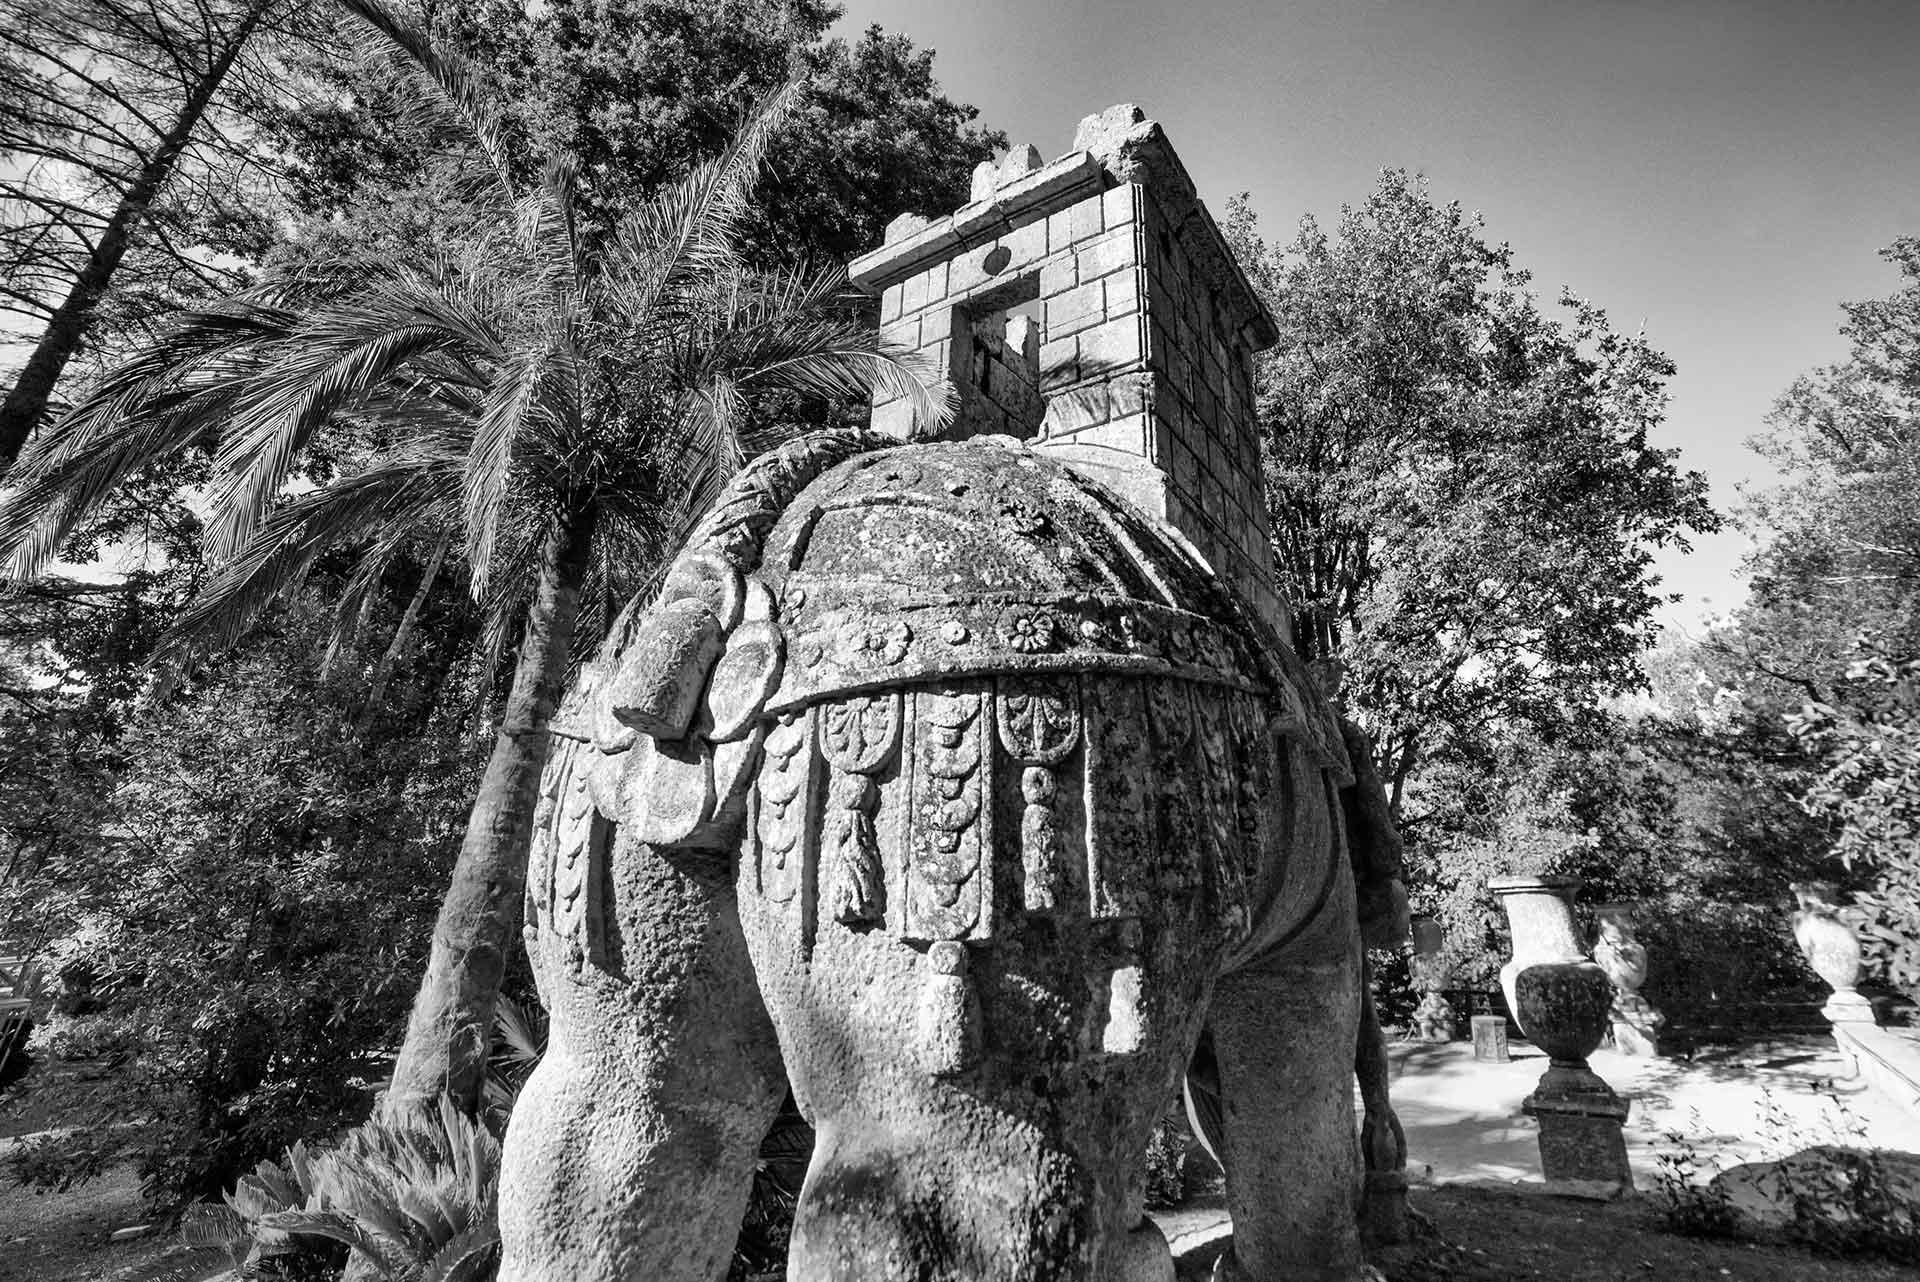 officina-visiva-foto-paesaggistica-bomarzo-parco-dei-mostri-3-web